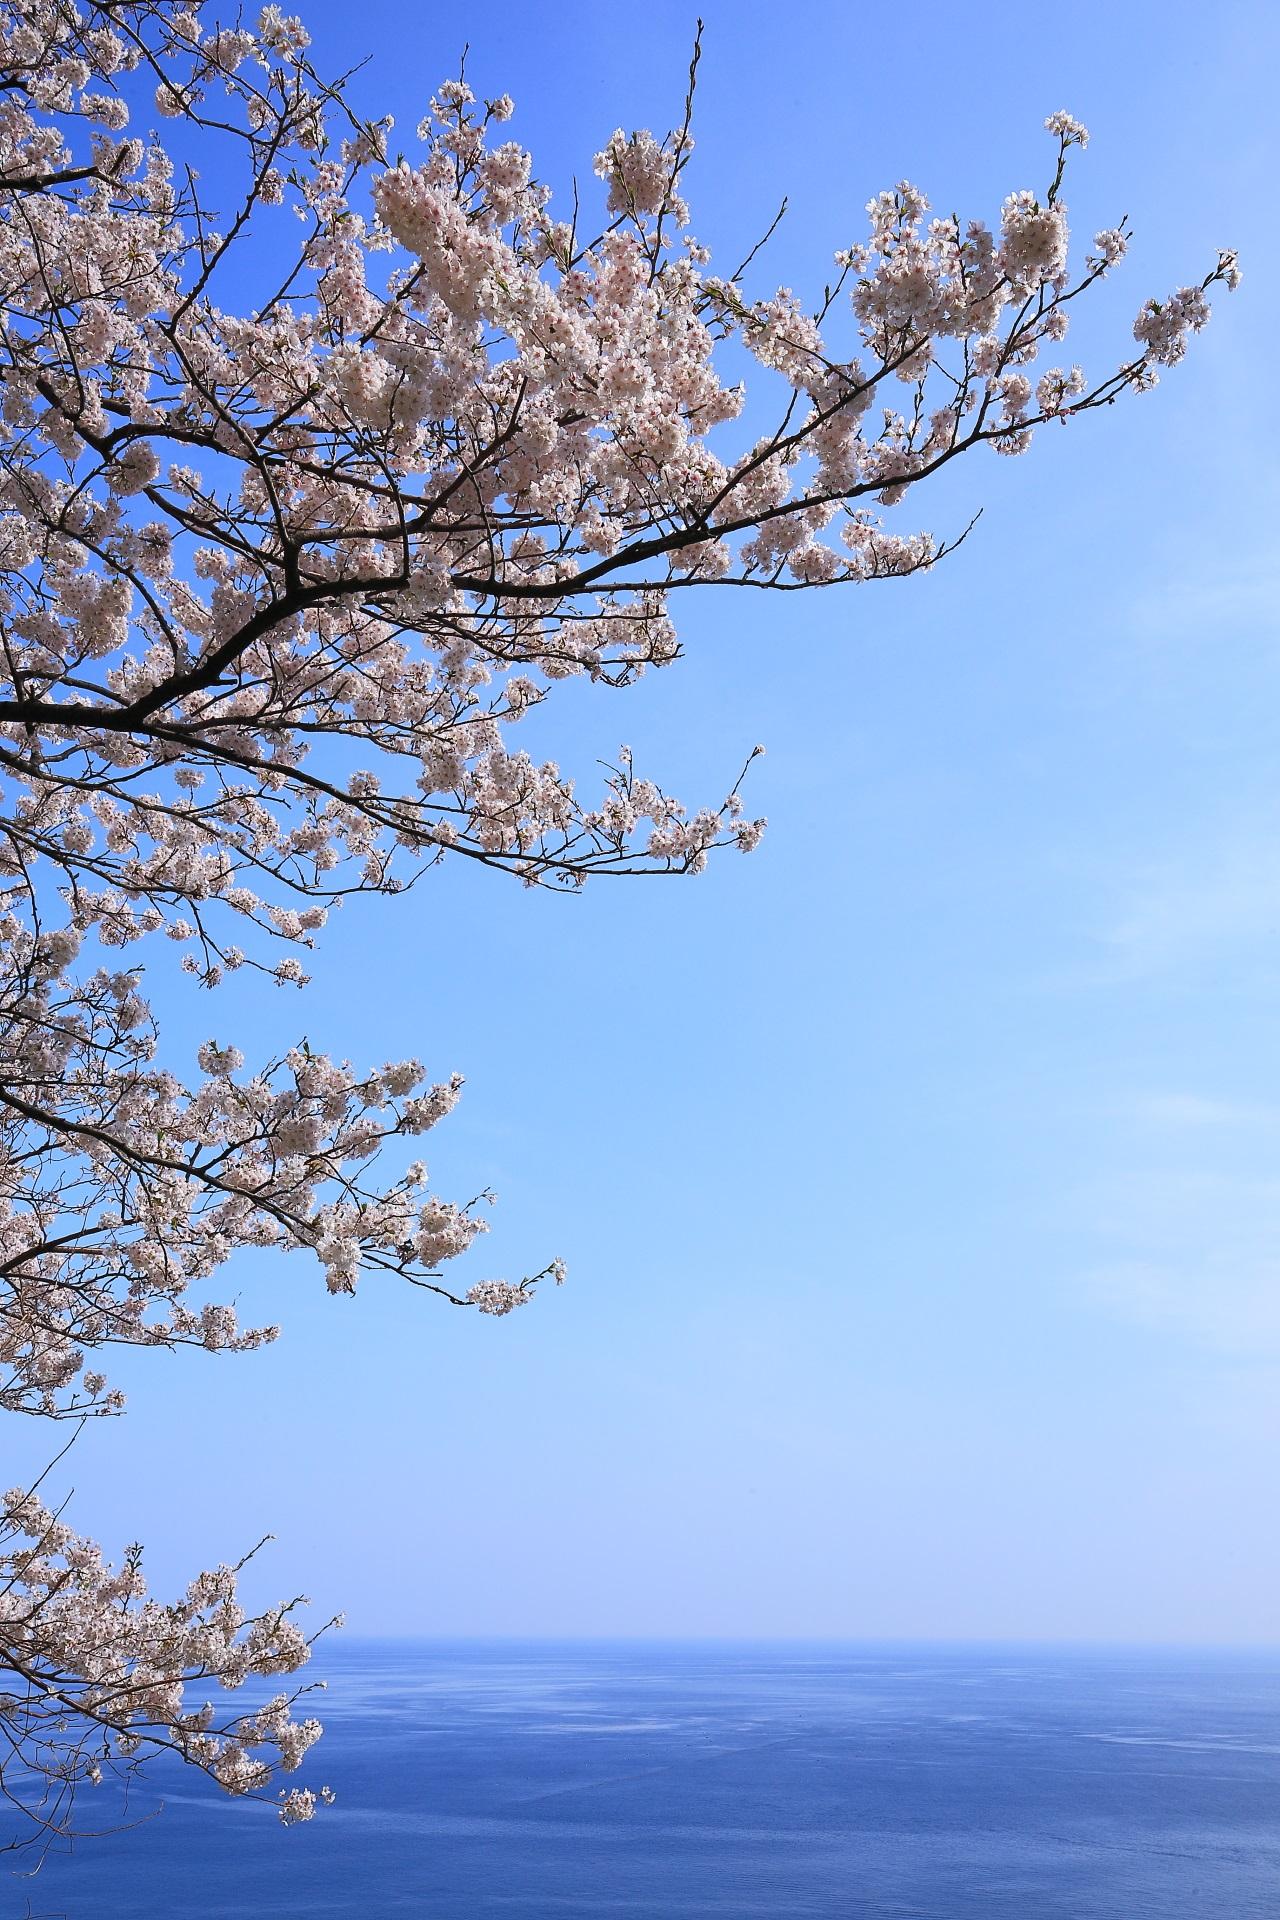 カマヤ海岸の青空と青い海の中で輝く美しすぎる桜